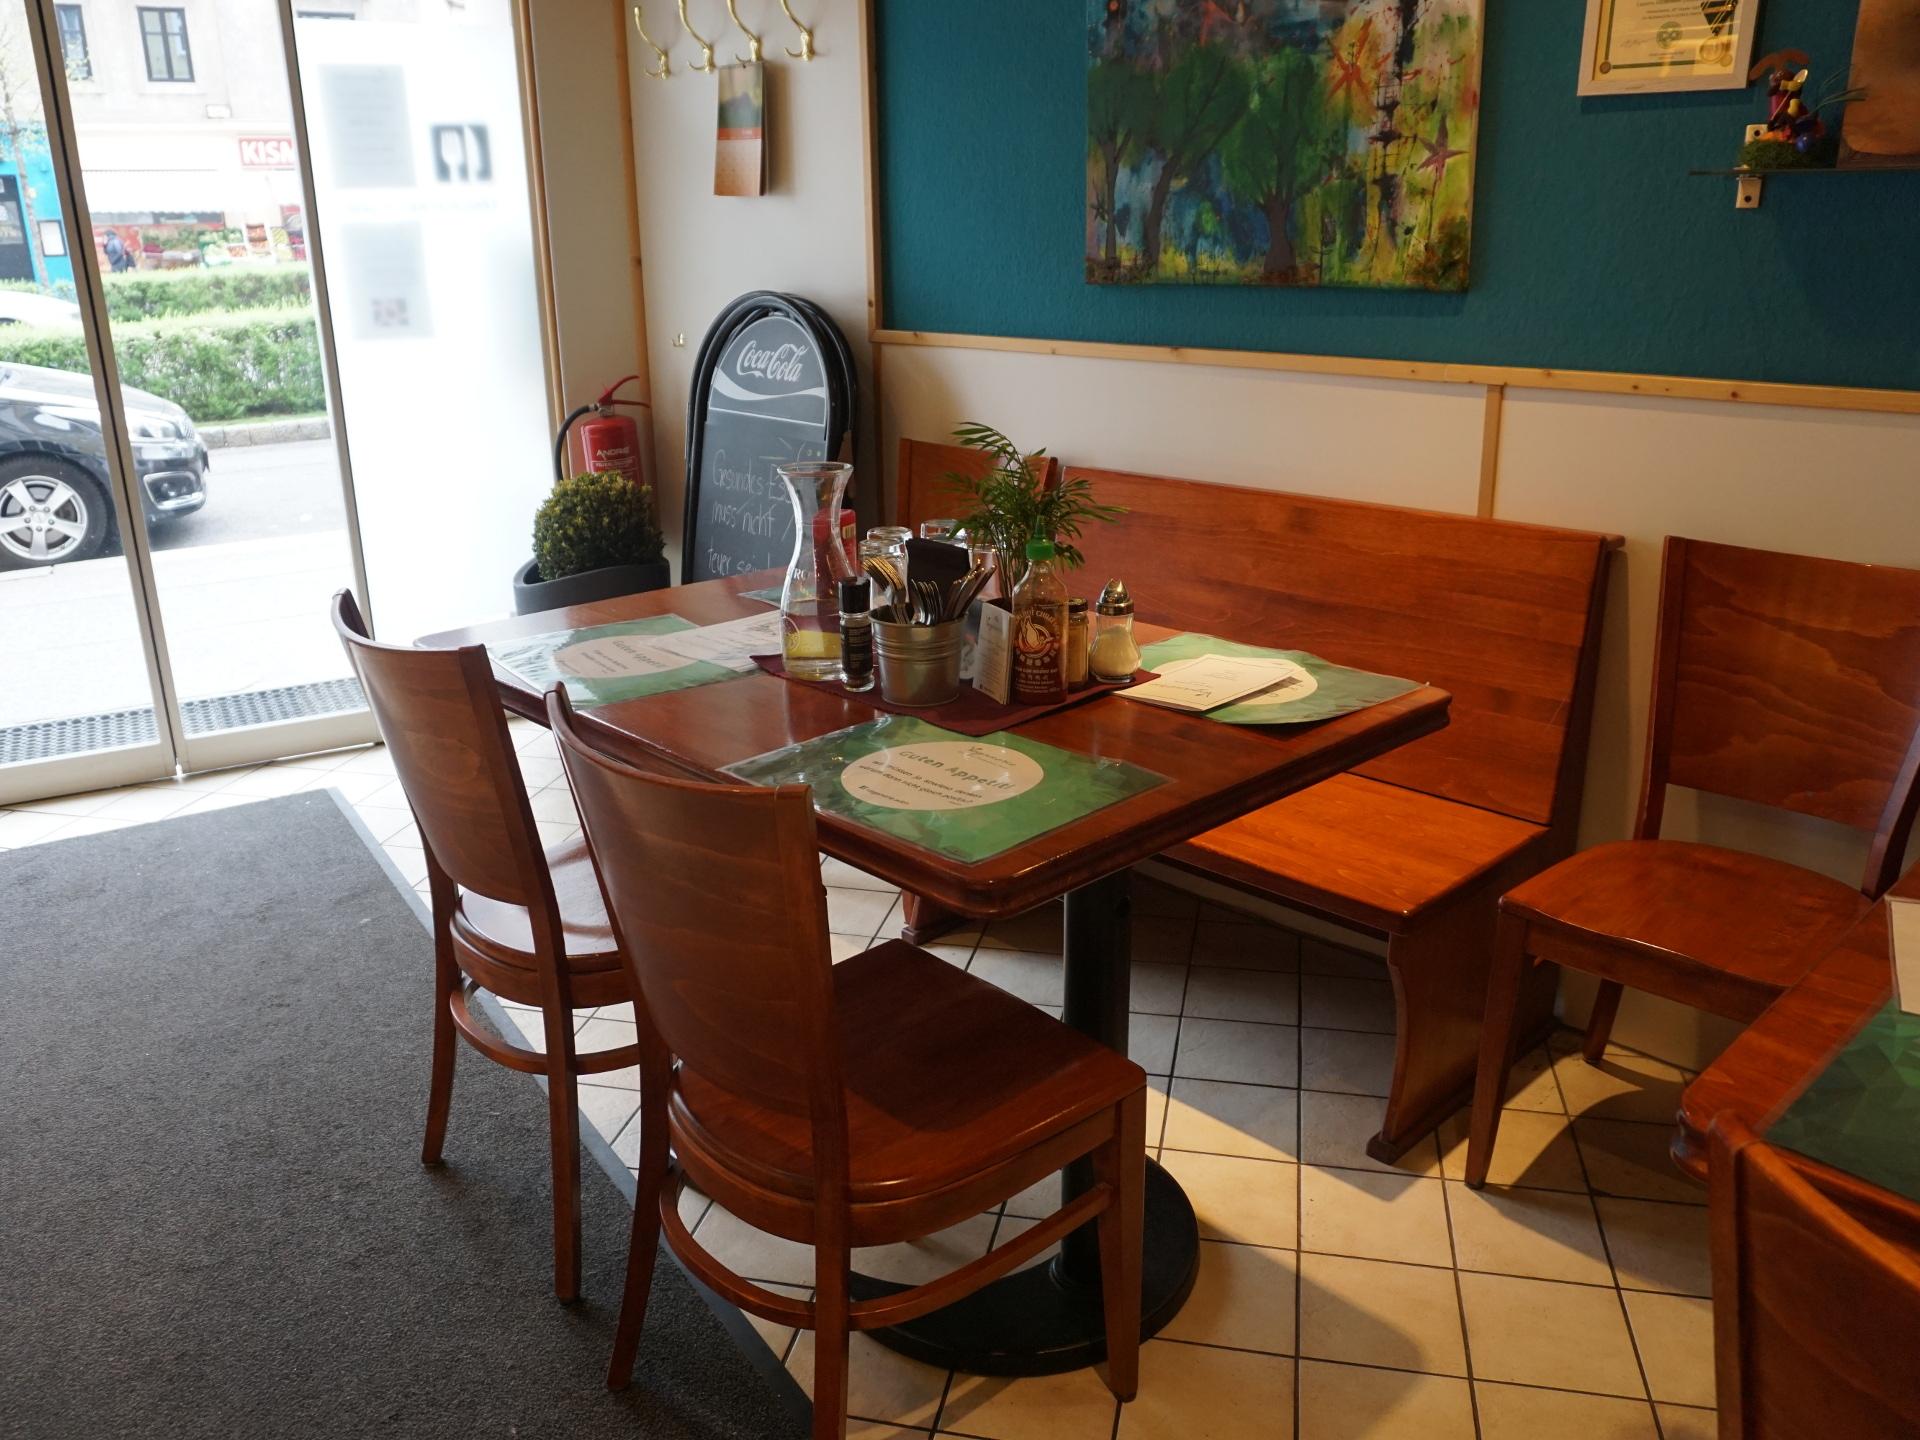 In netter Atmosphäre kann jedes Mitglied köstliches veganes Essen genießen. - Photocredit: Elisabeth Demeter